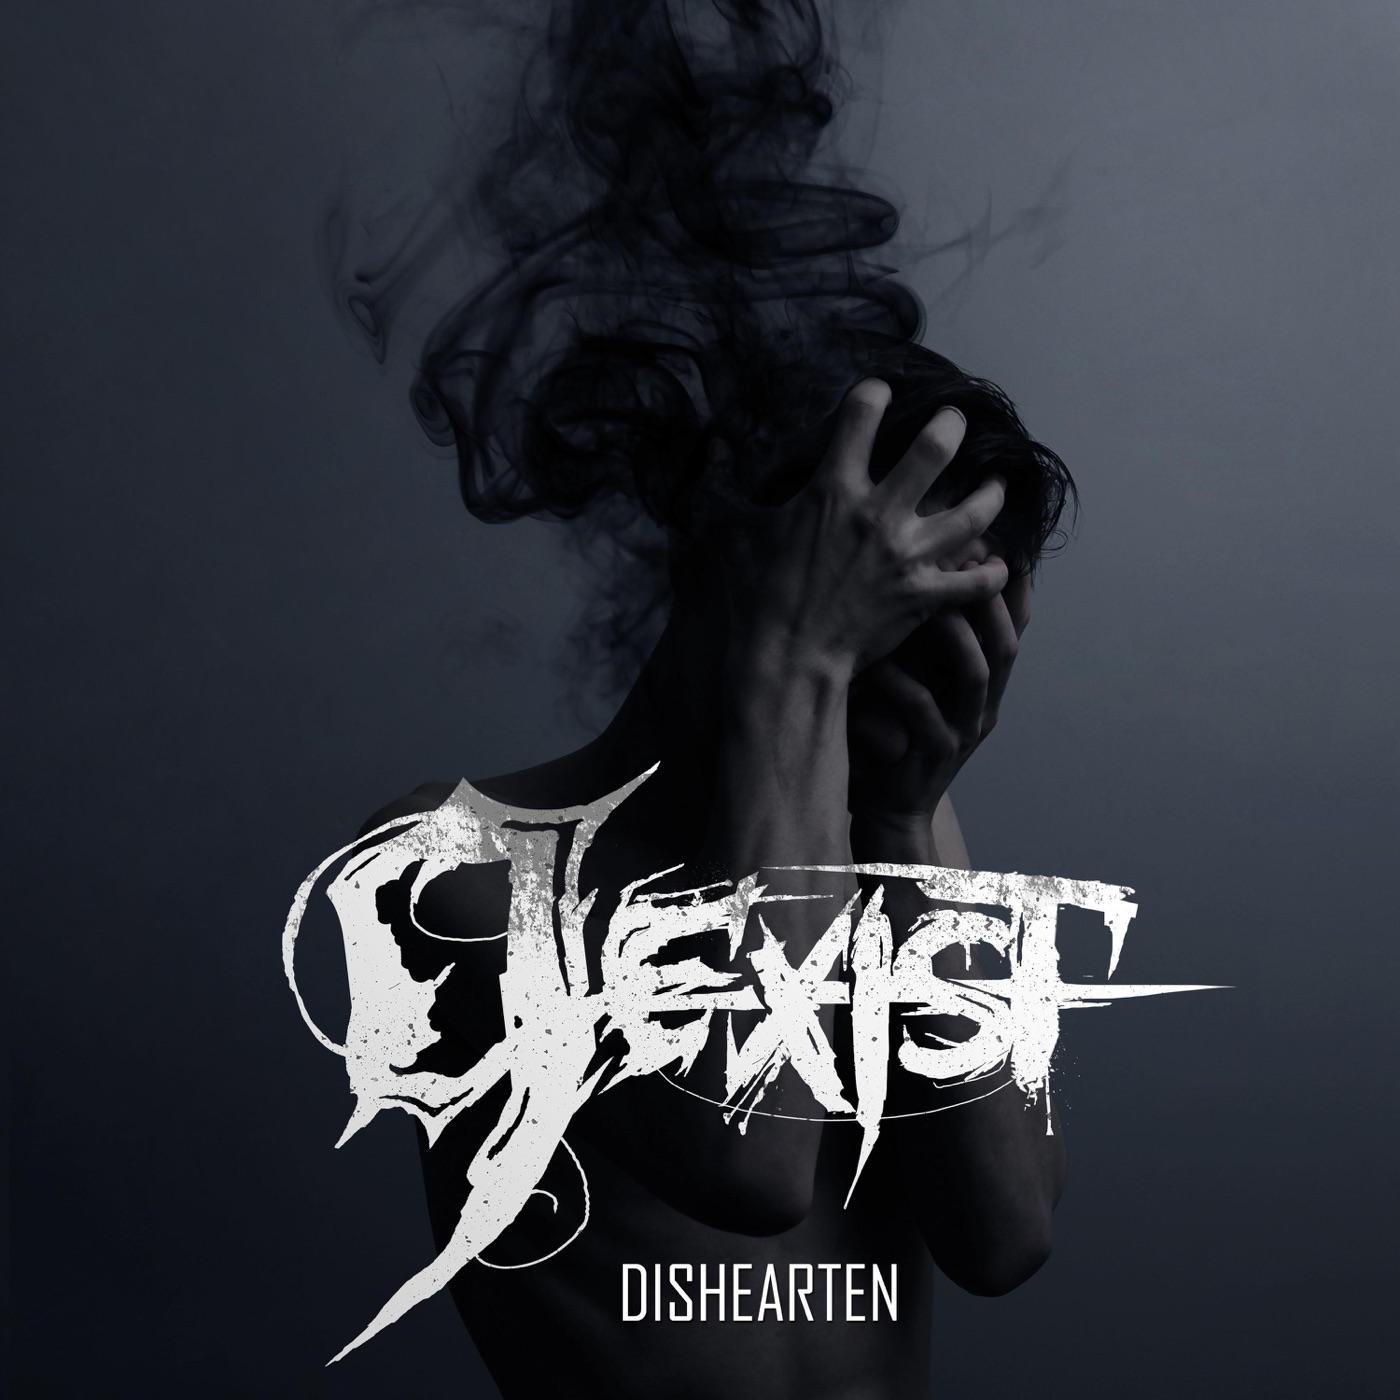 9 Exist - Dishearten [single] (2019)